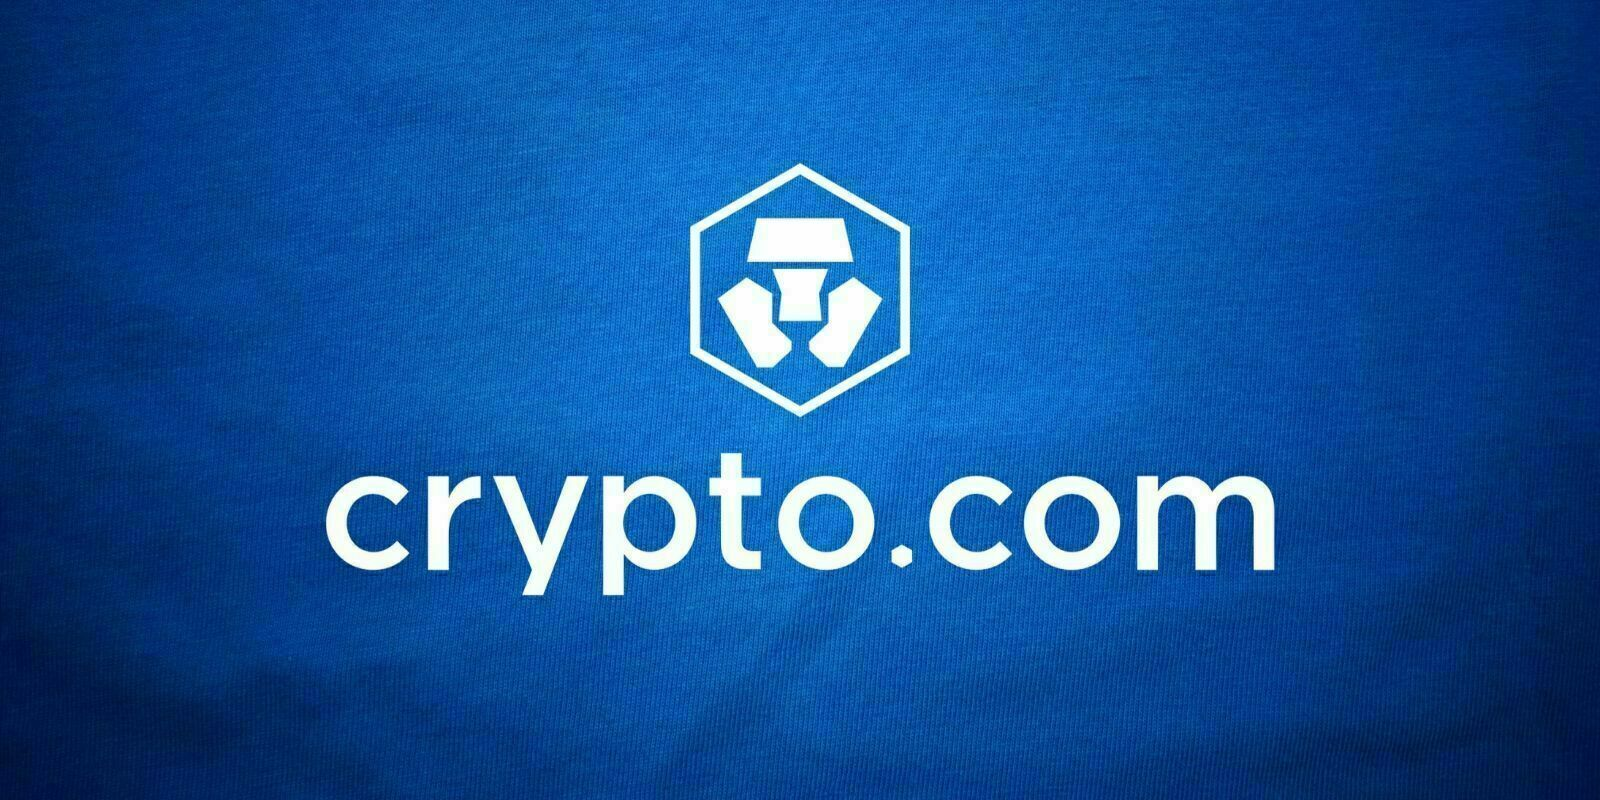 Crypto.com prolonge l'offre réduisant les frais à 0 et doublant le cashback